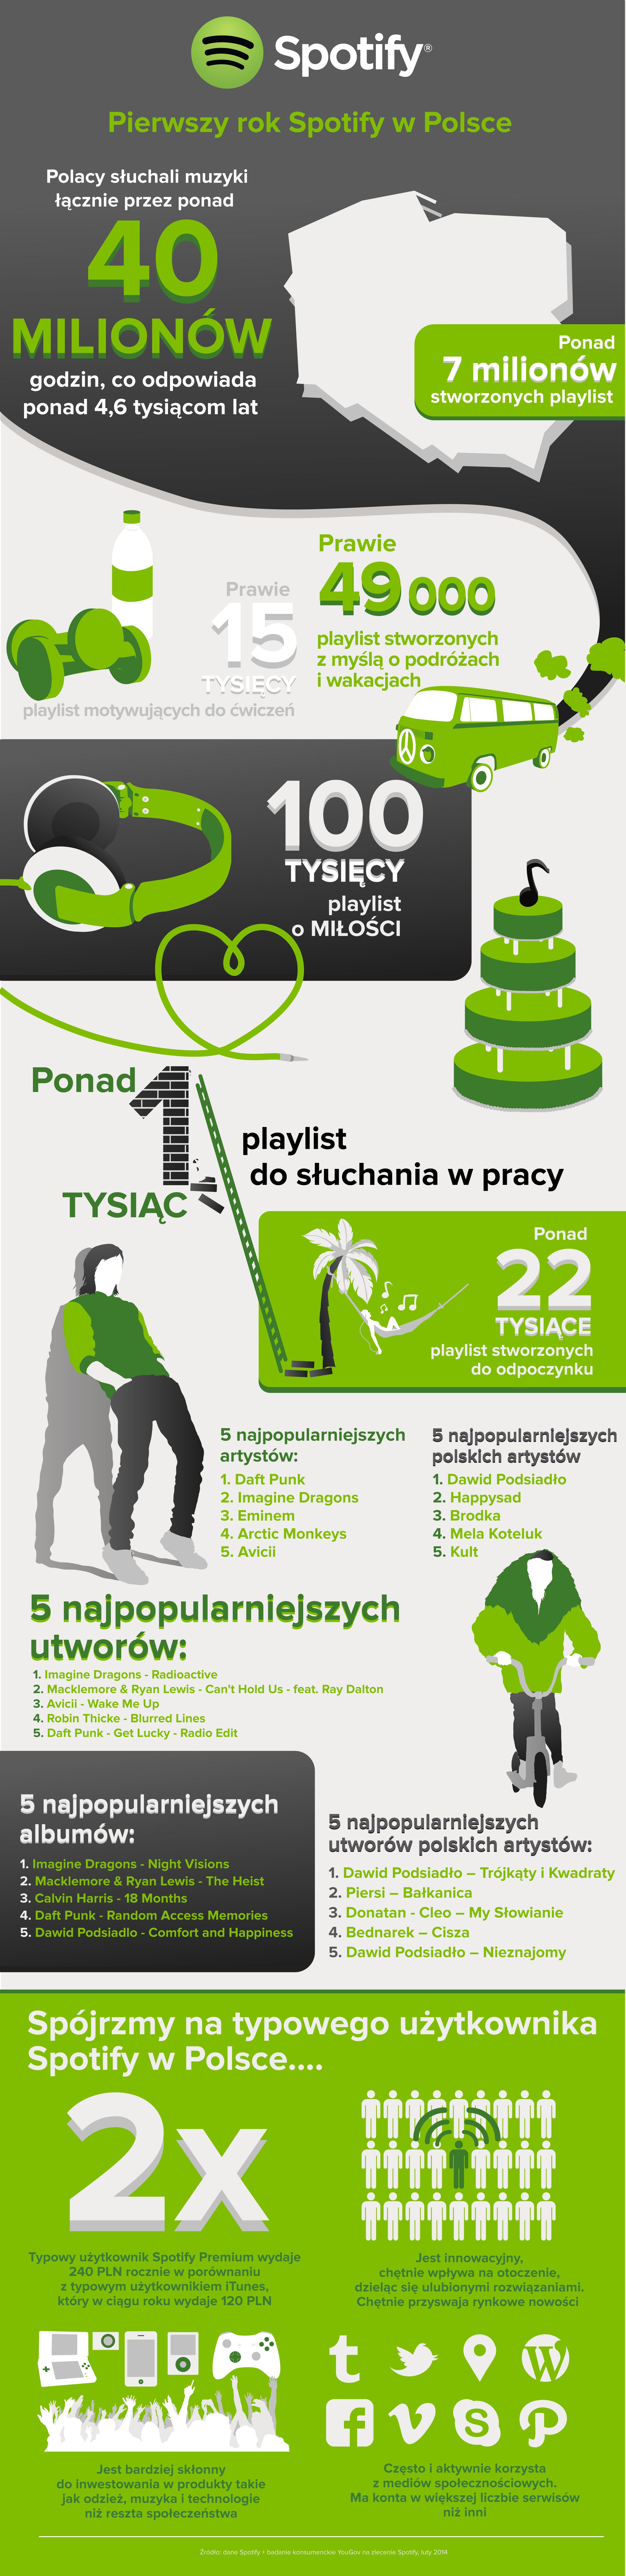 spotify-w-polsce